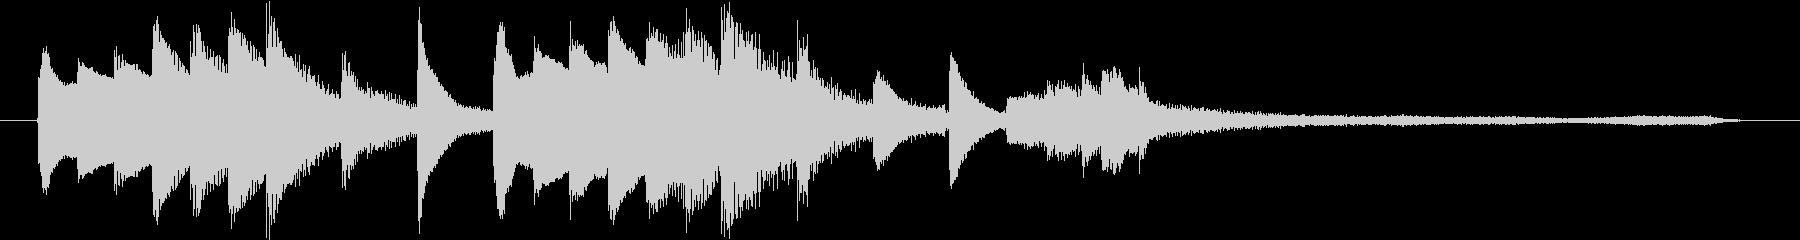 ジングル、ロゴに美しいピアノの音色で!の未再生の波形